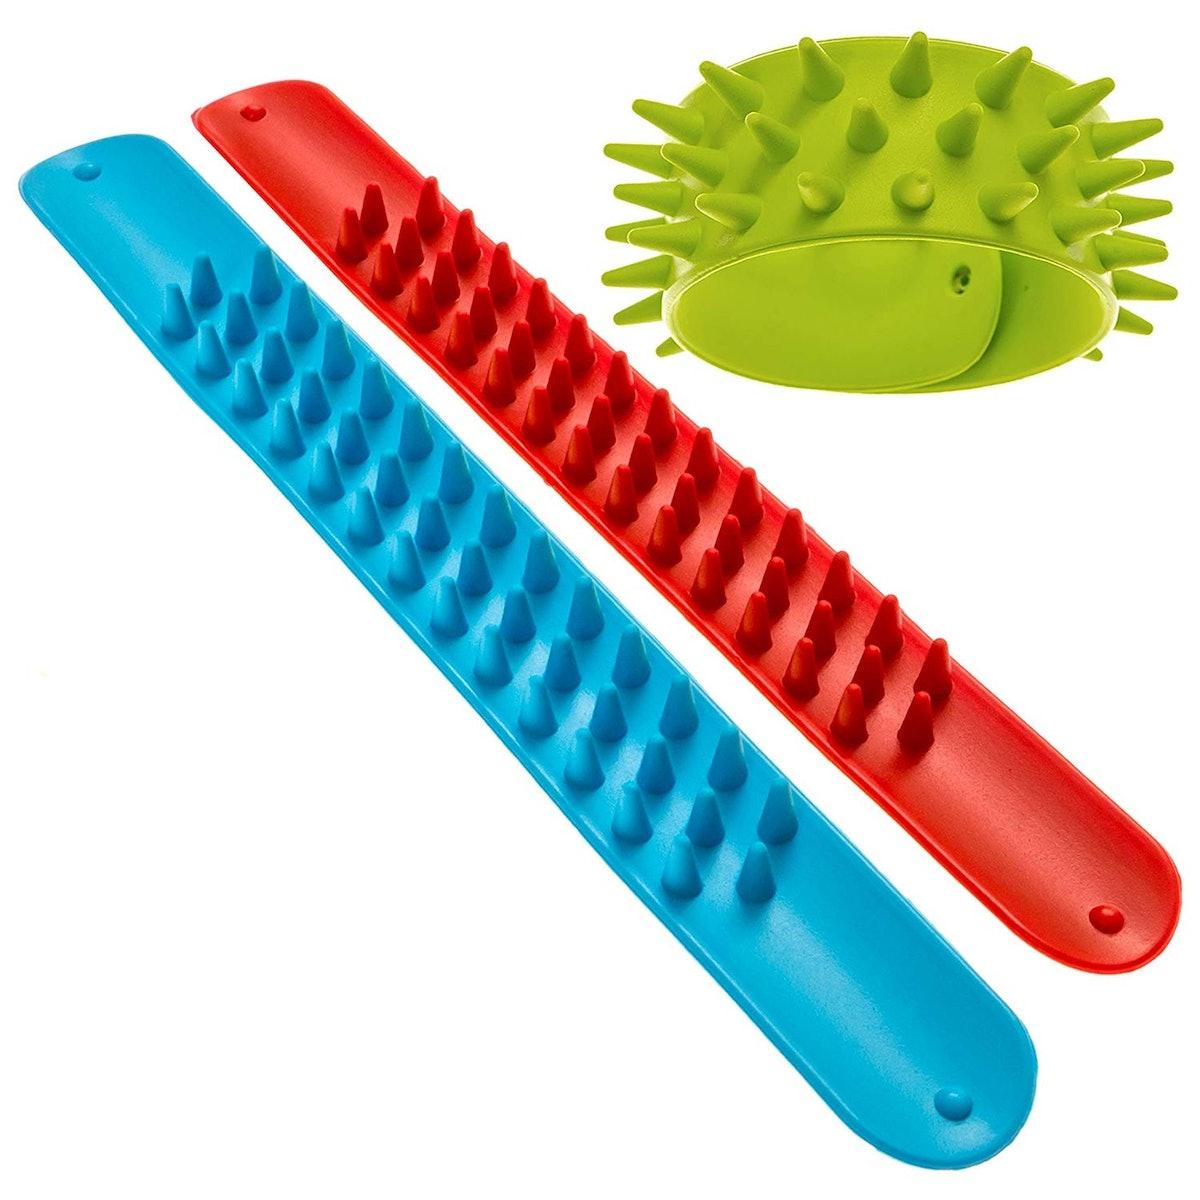 Impresa Products Spiky Slap Bracelets  (3 Pack)